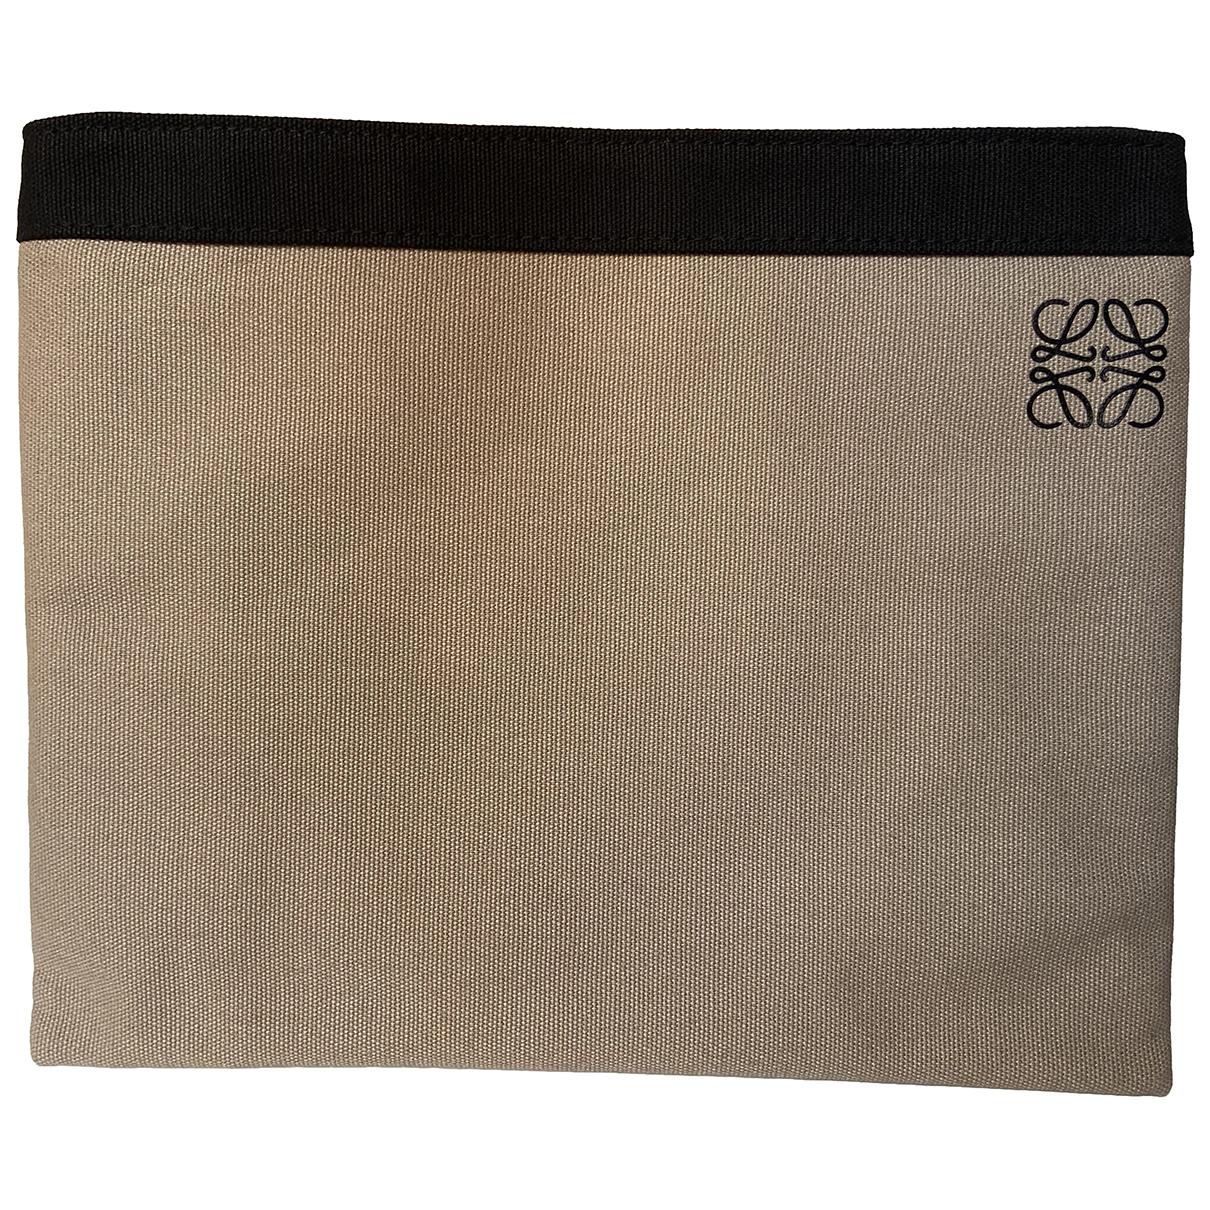 Loewe - Pochette   pour femme en coton - ecru